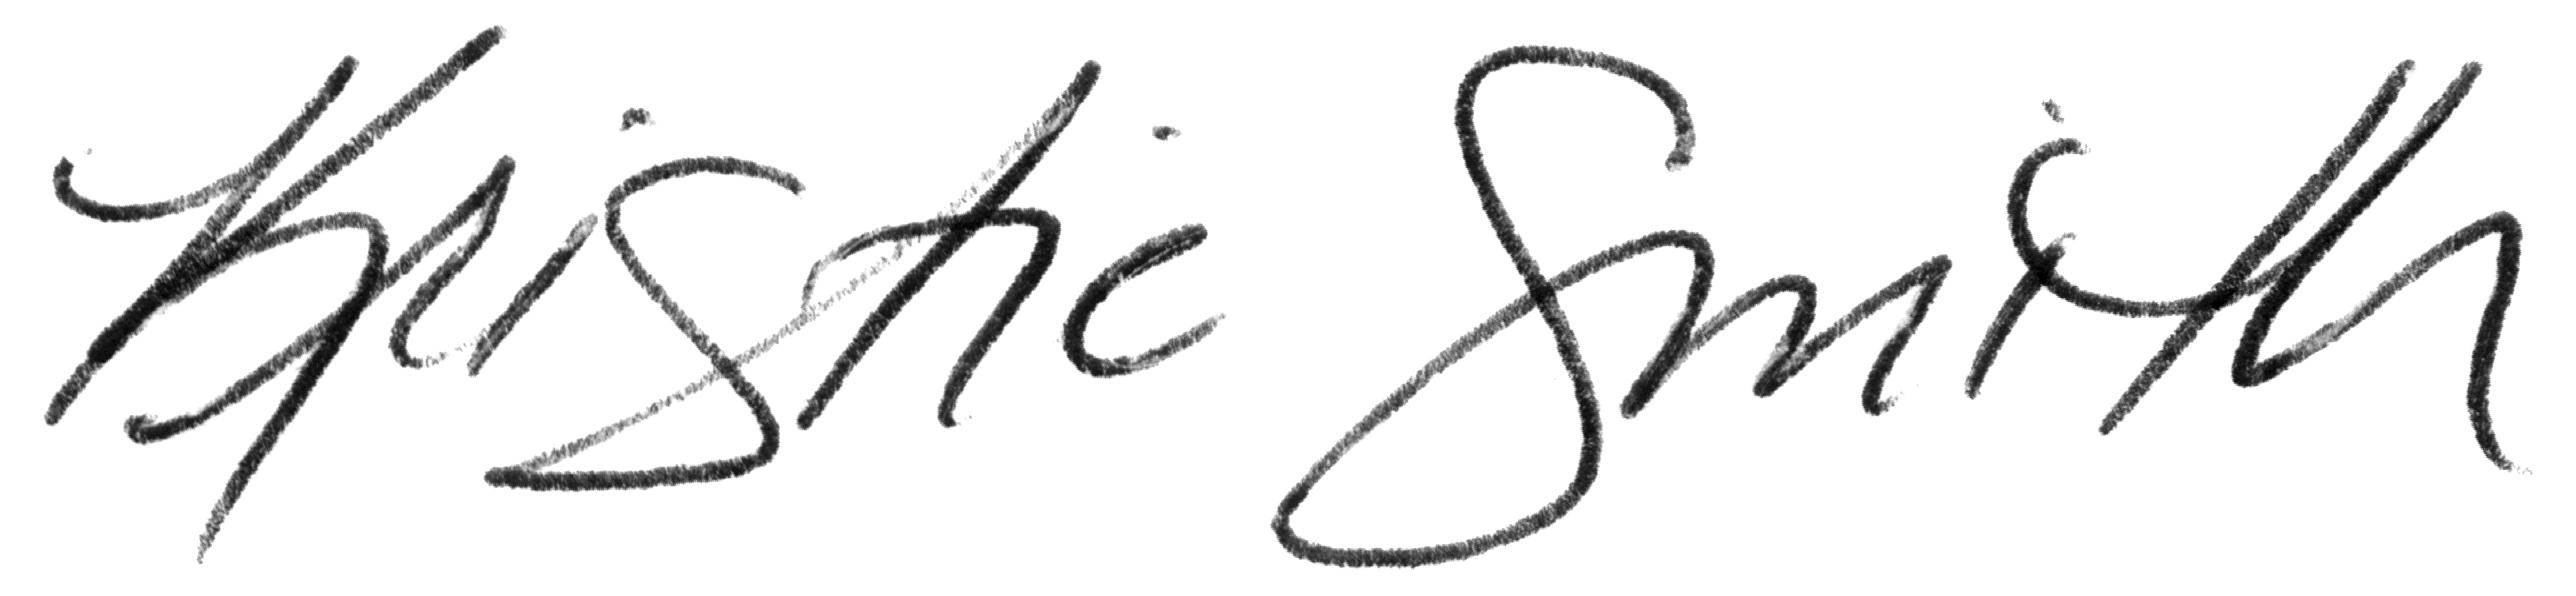 Kristie Smith signature